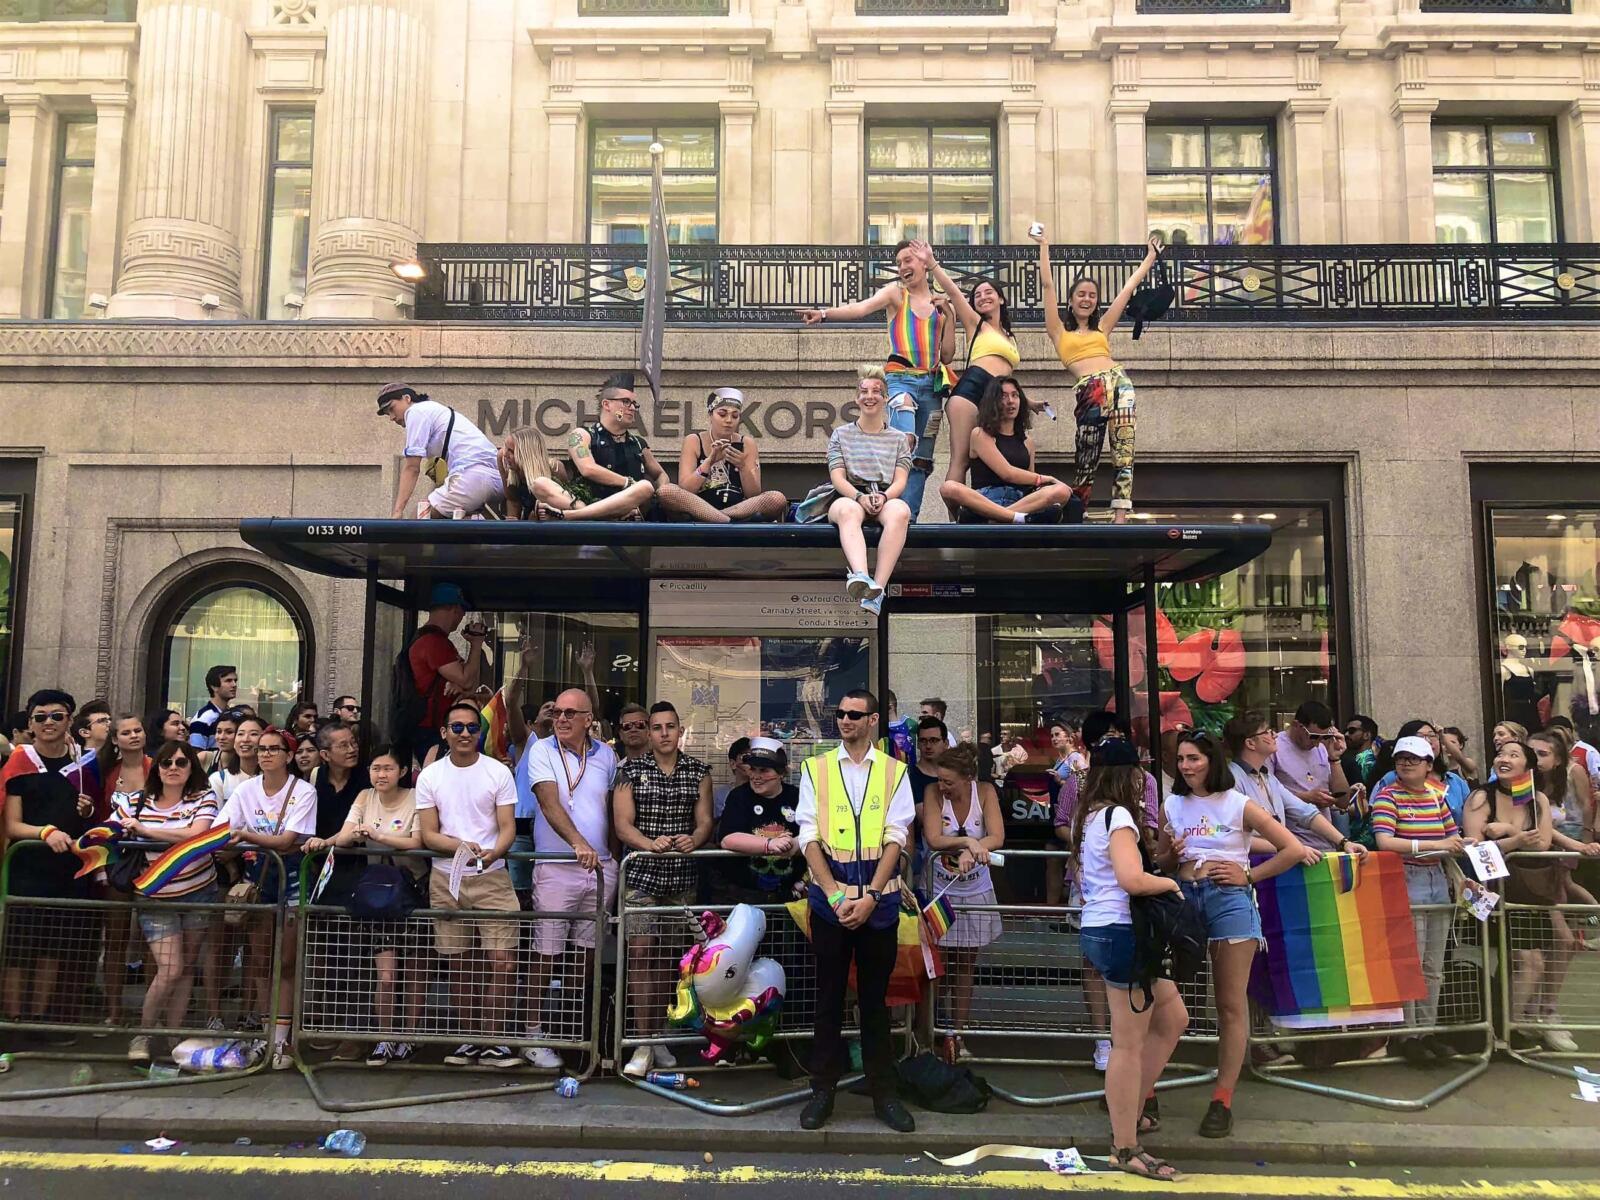 Huge crowds during Pride in London